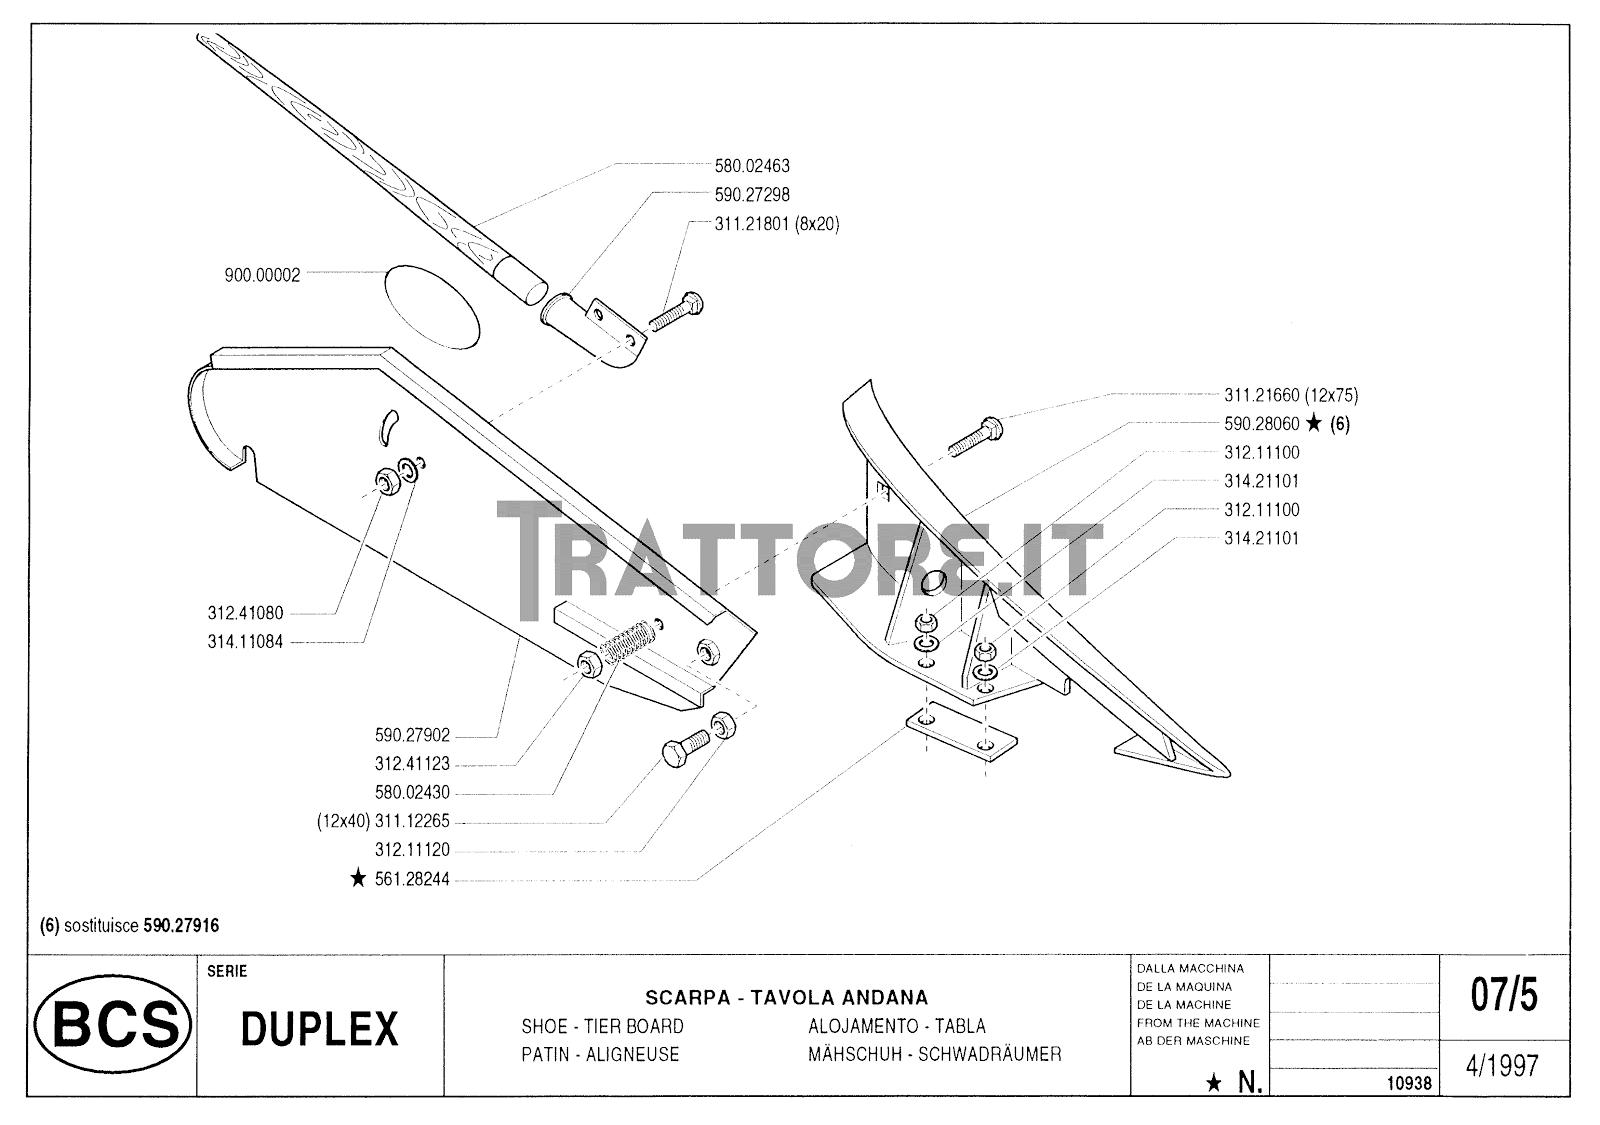 InfoTrattore.it: Manuale (esploso meccanico) Barra